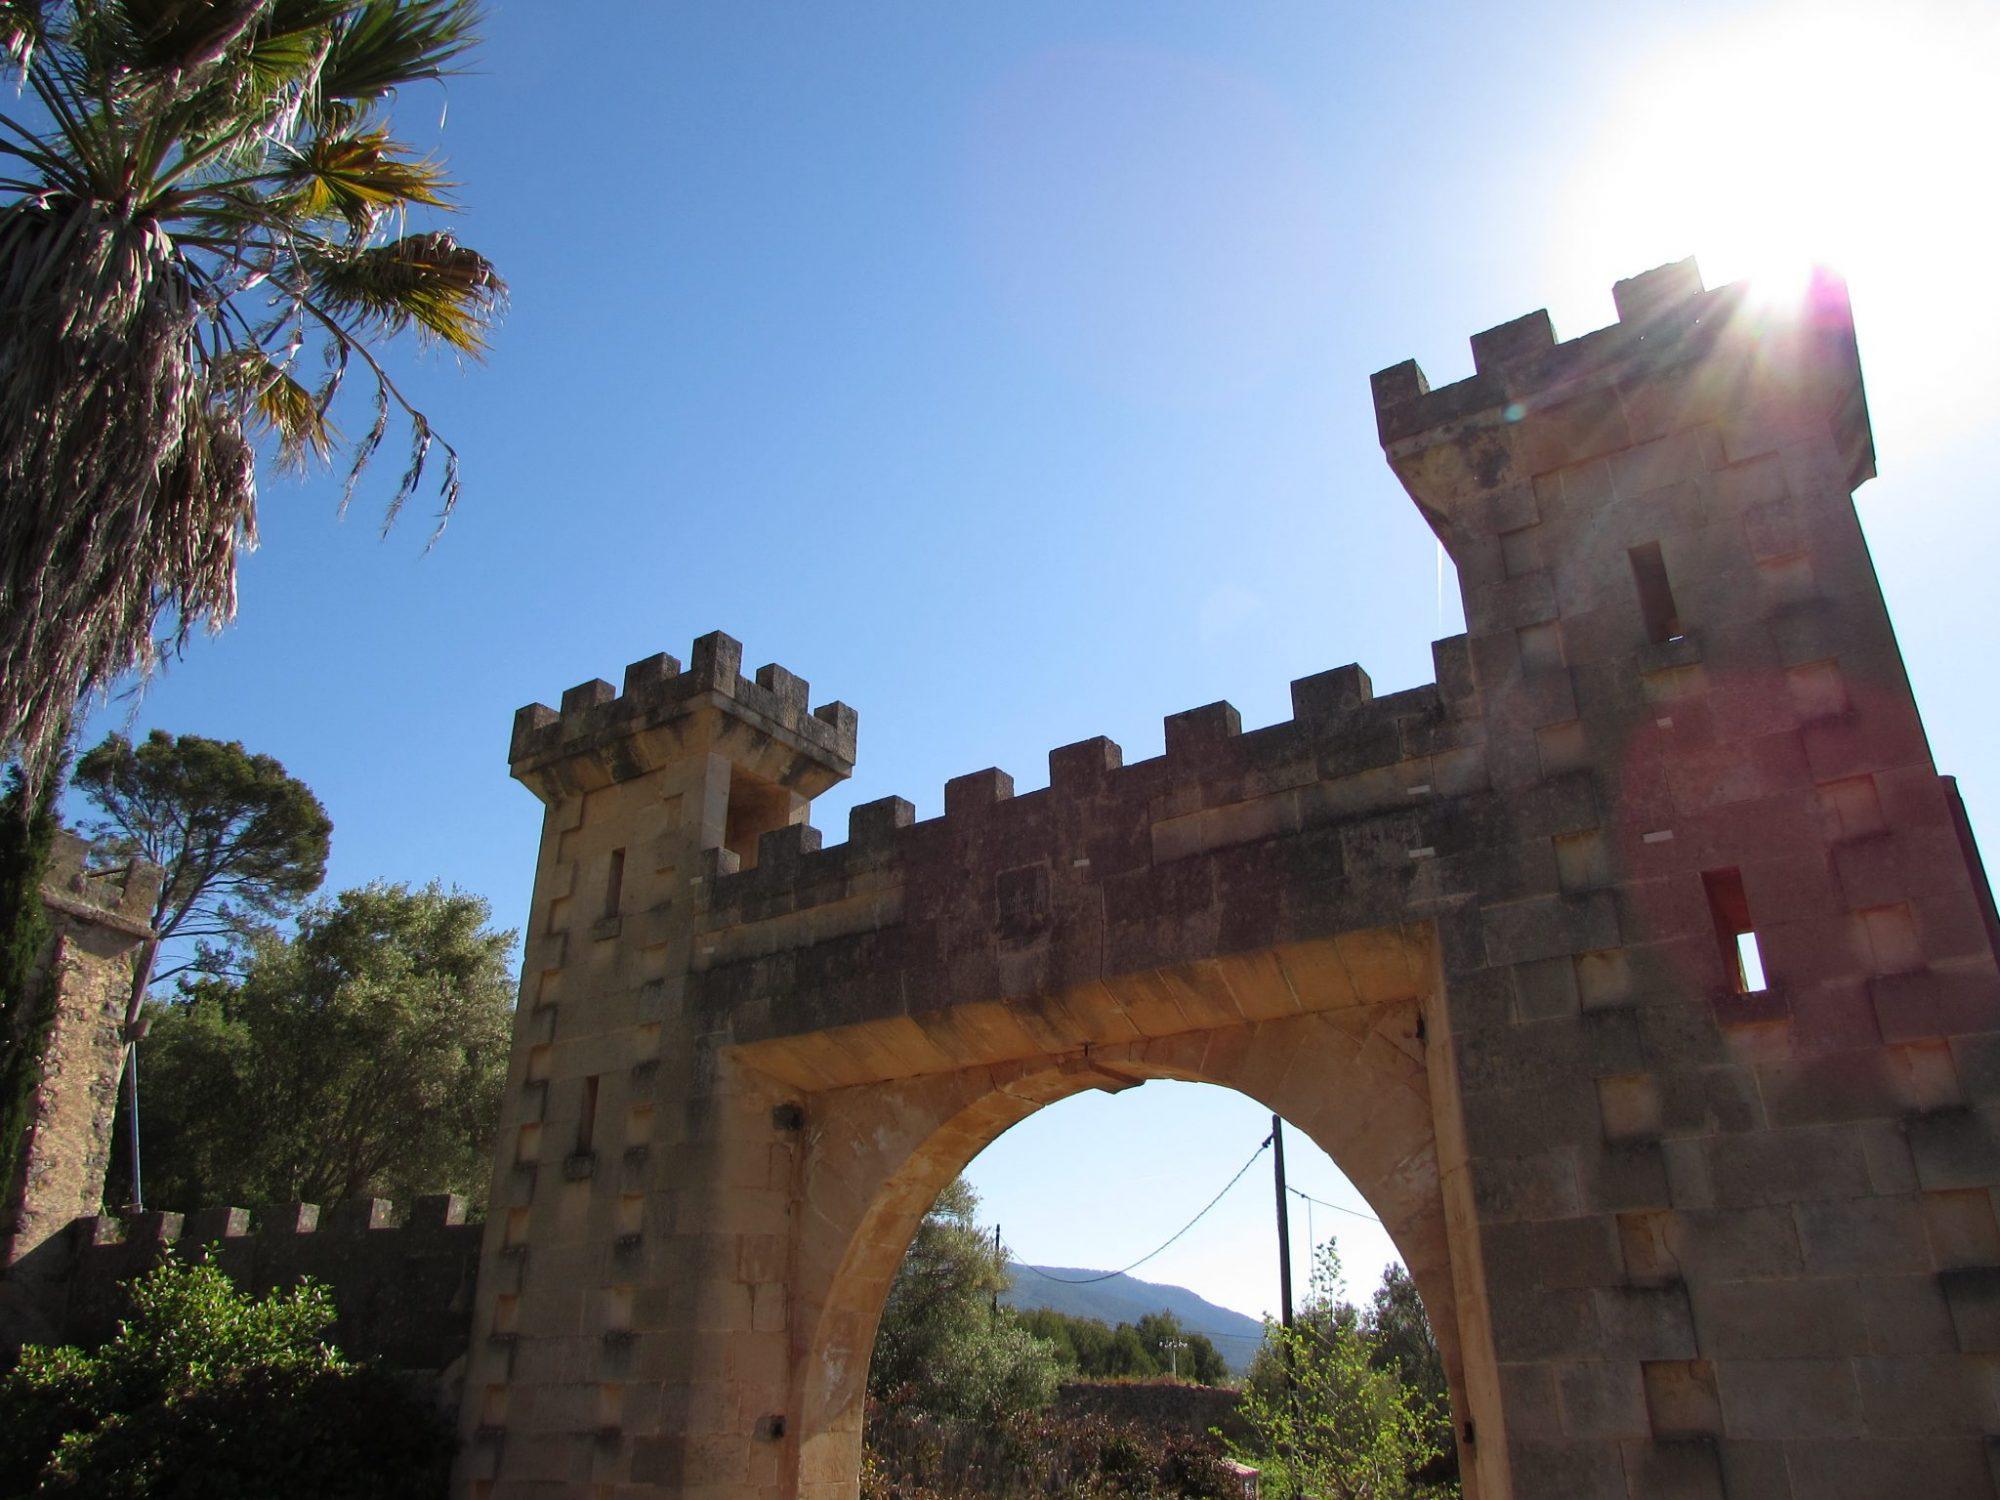 Puerta de Raixa